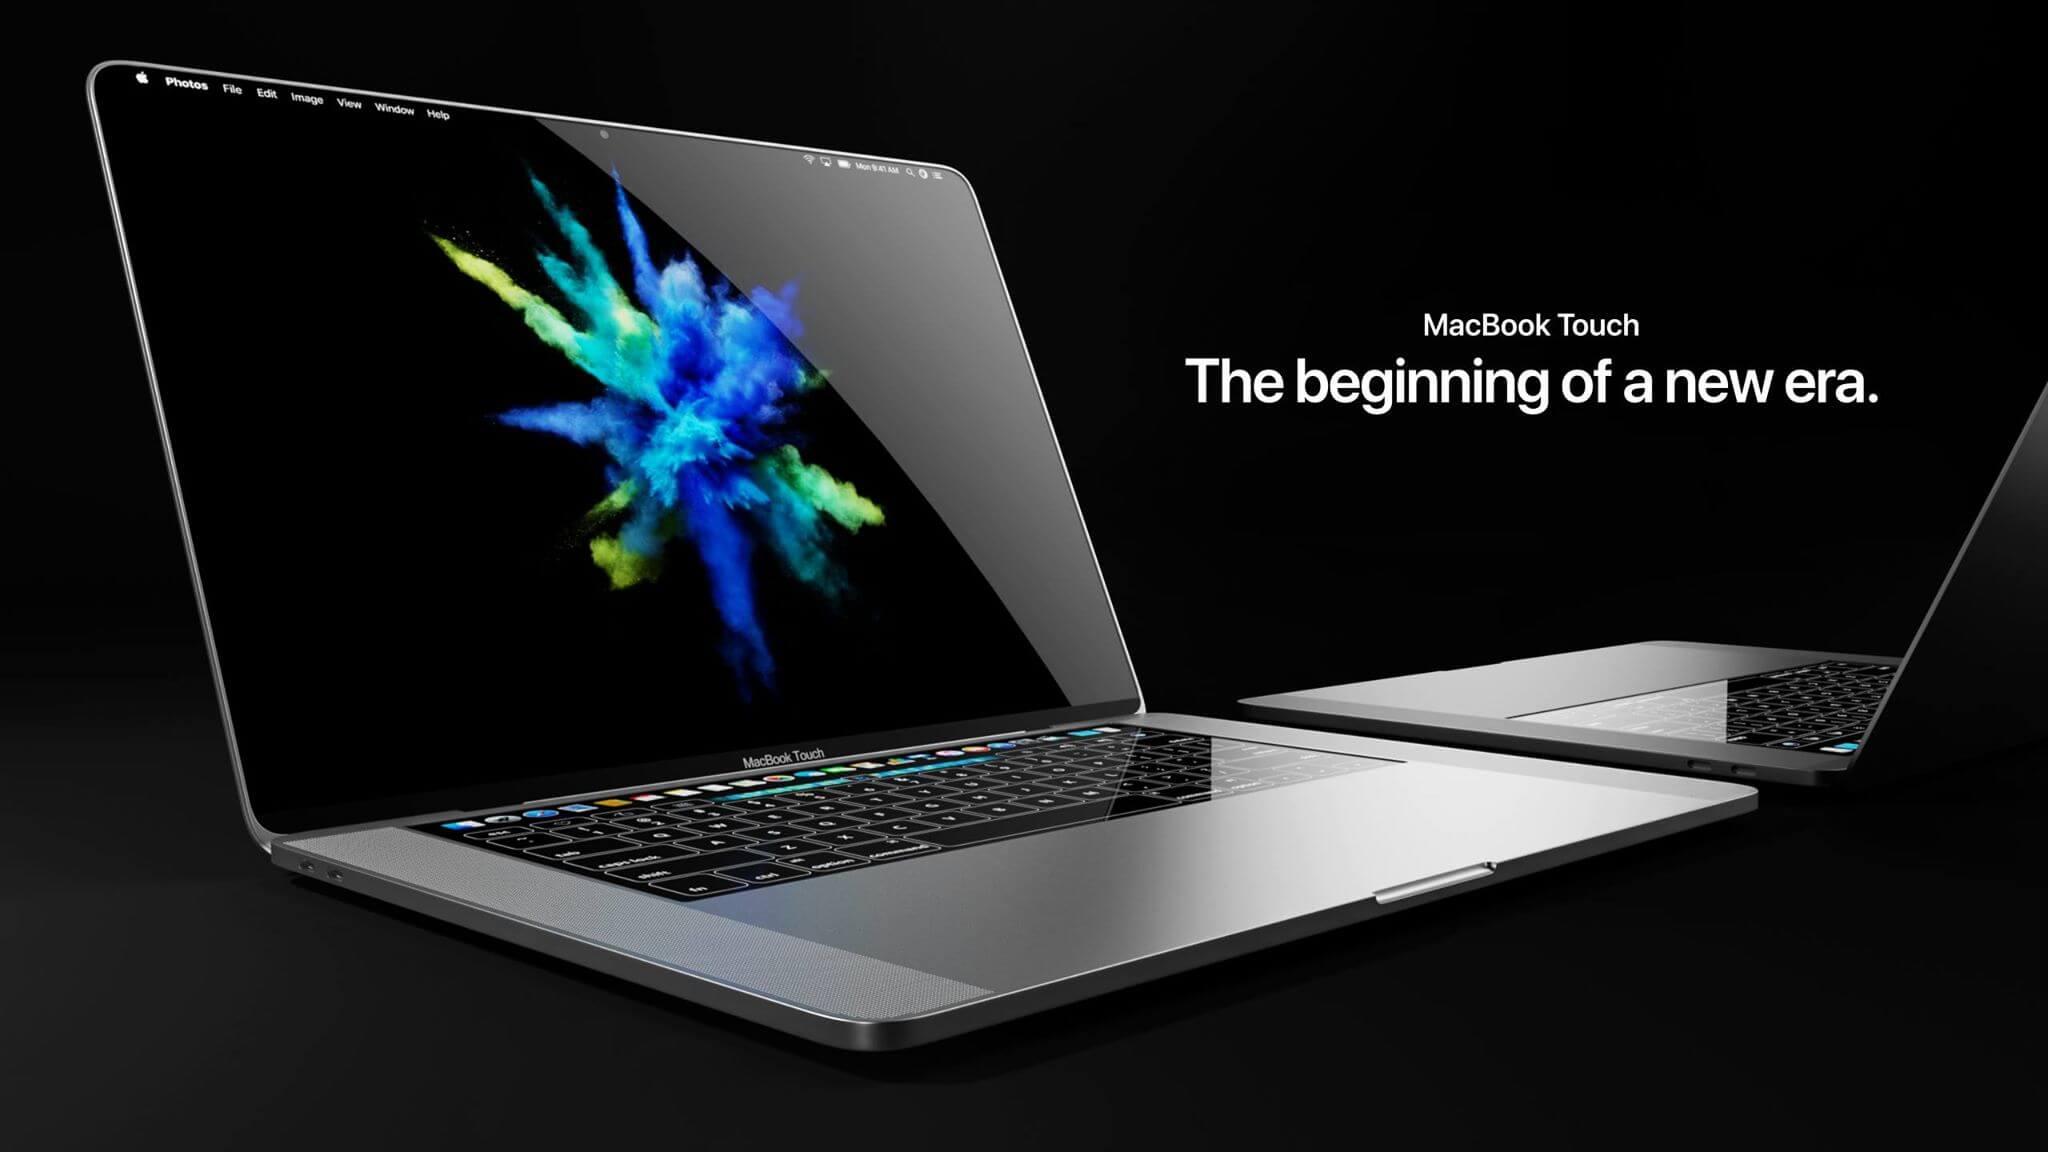 Drei neue Mac Modelle in Arbeit, neues iPad erst im Herbst